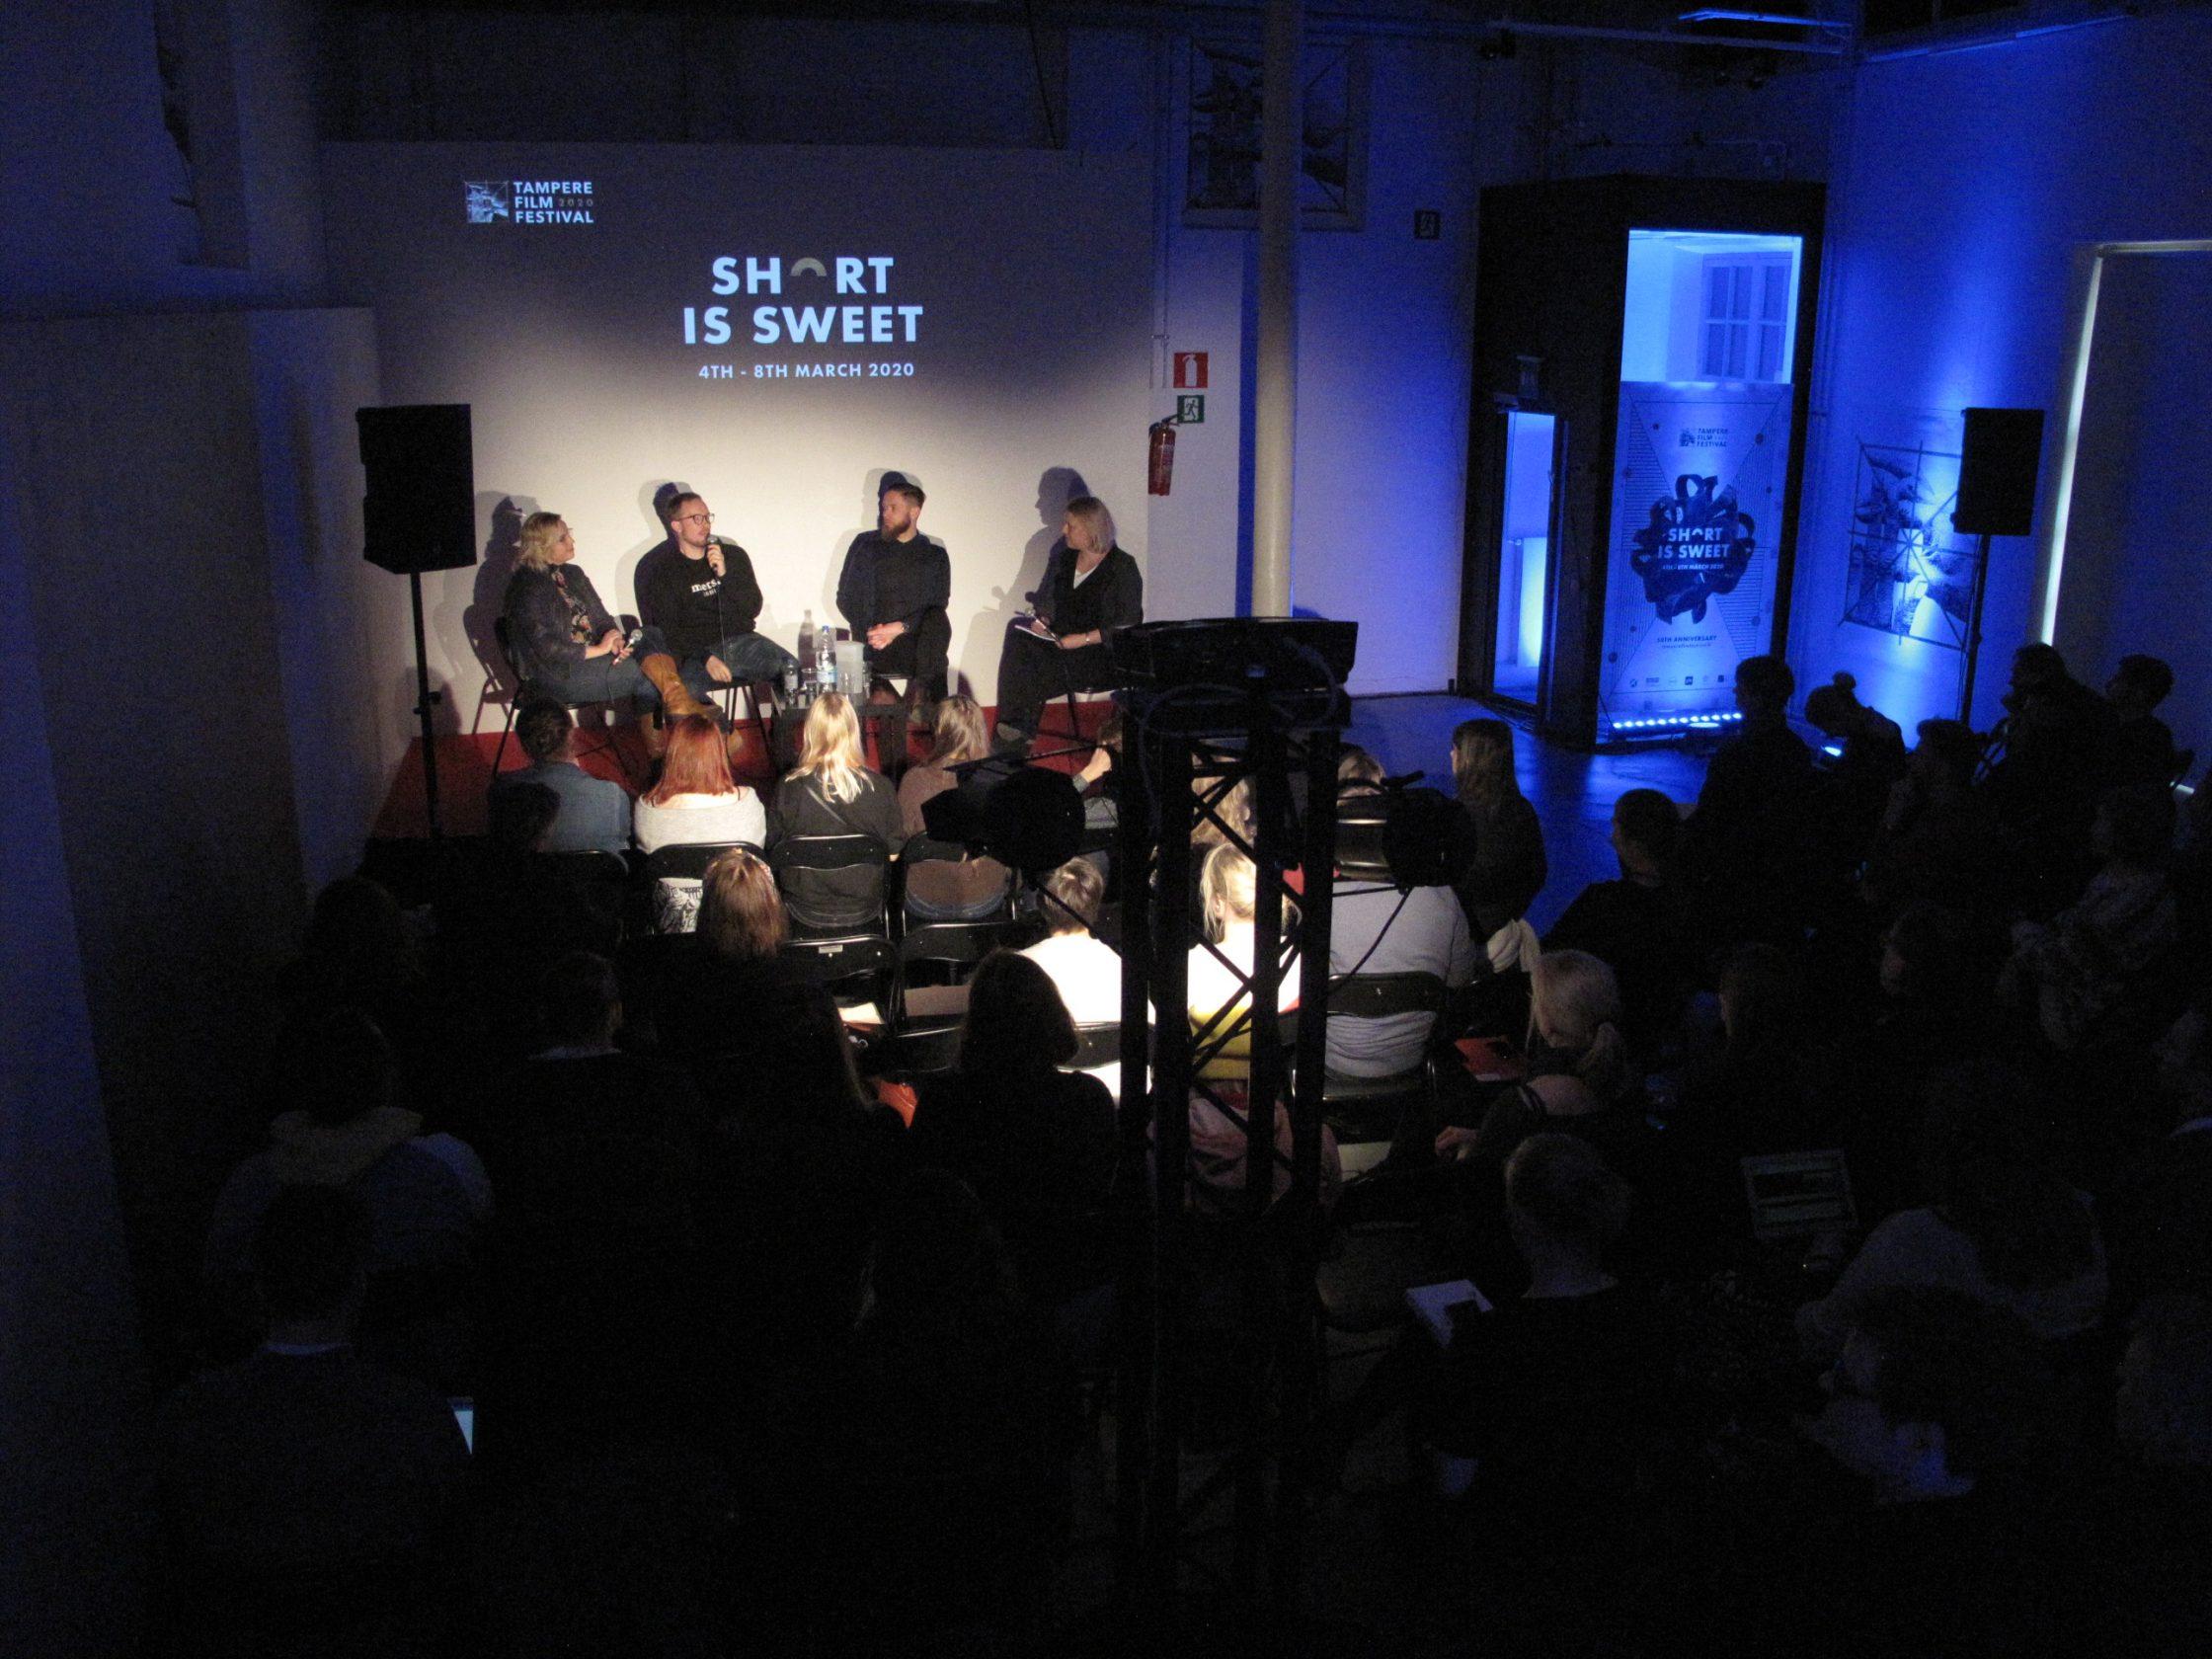 Seminaaritila, käynnissä paneelikeskustelu, lavalla neljä keskustelijaa, paljon yleisöä.